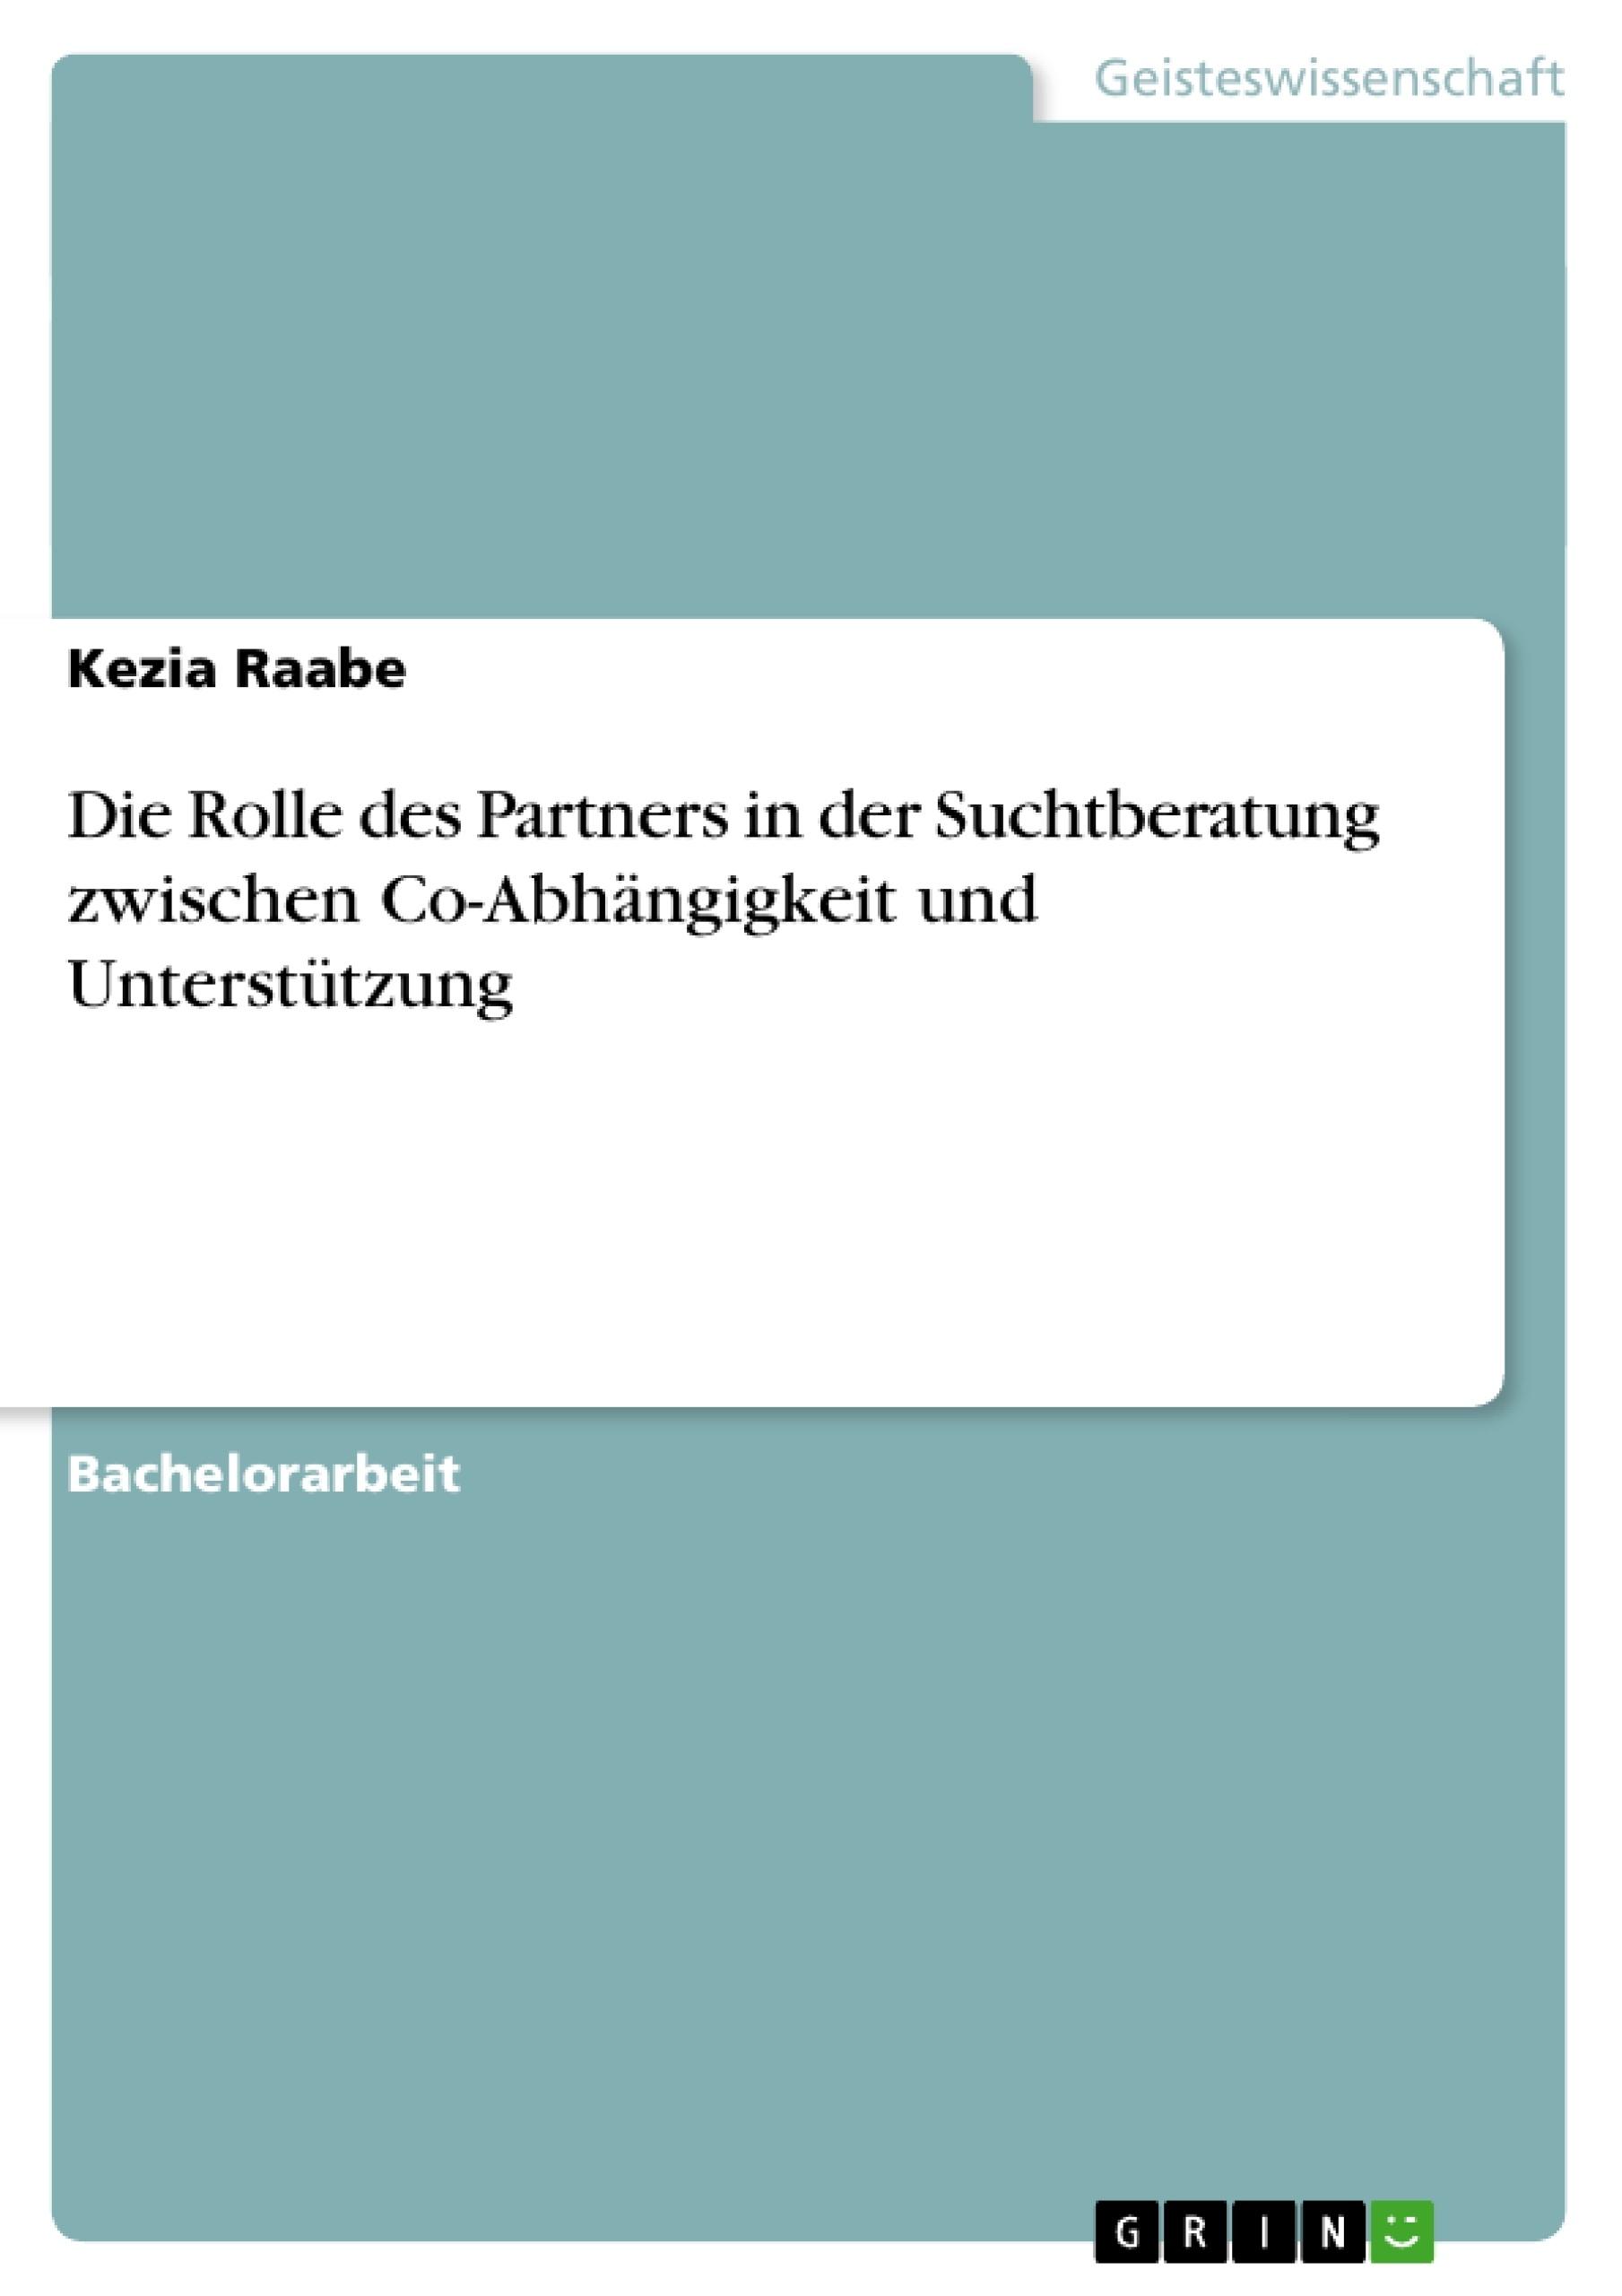 Titel: Die Rolle des Partners in der Suchtberatung zwischen Co-Abhängigkeit und Unterstützung